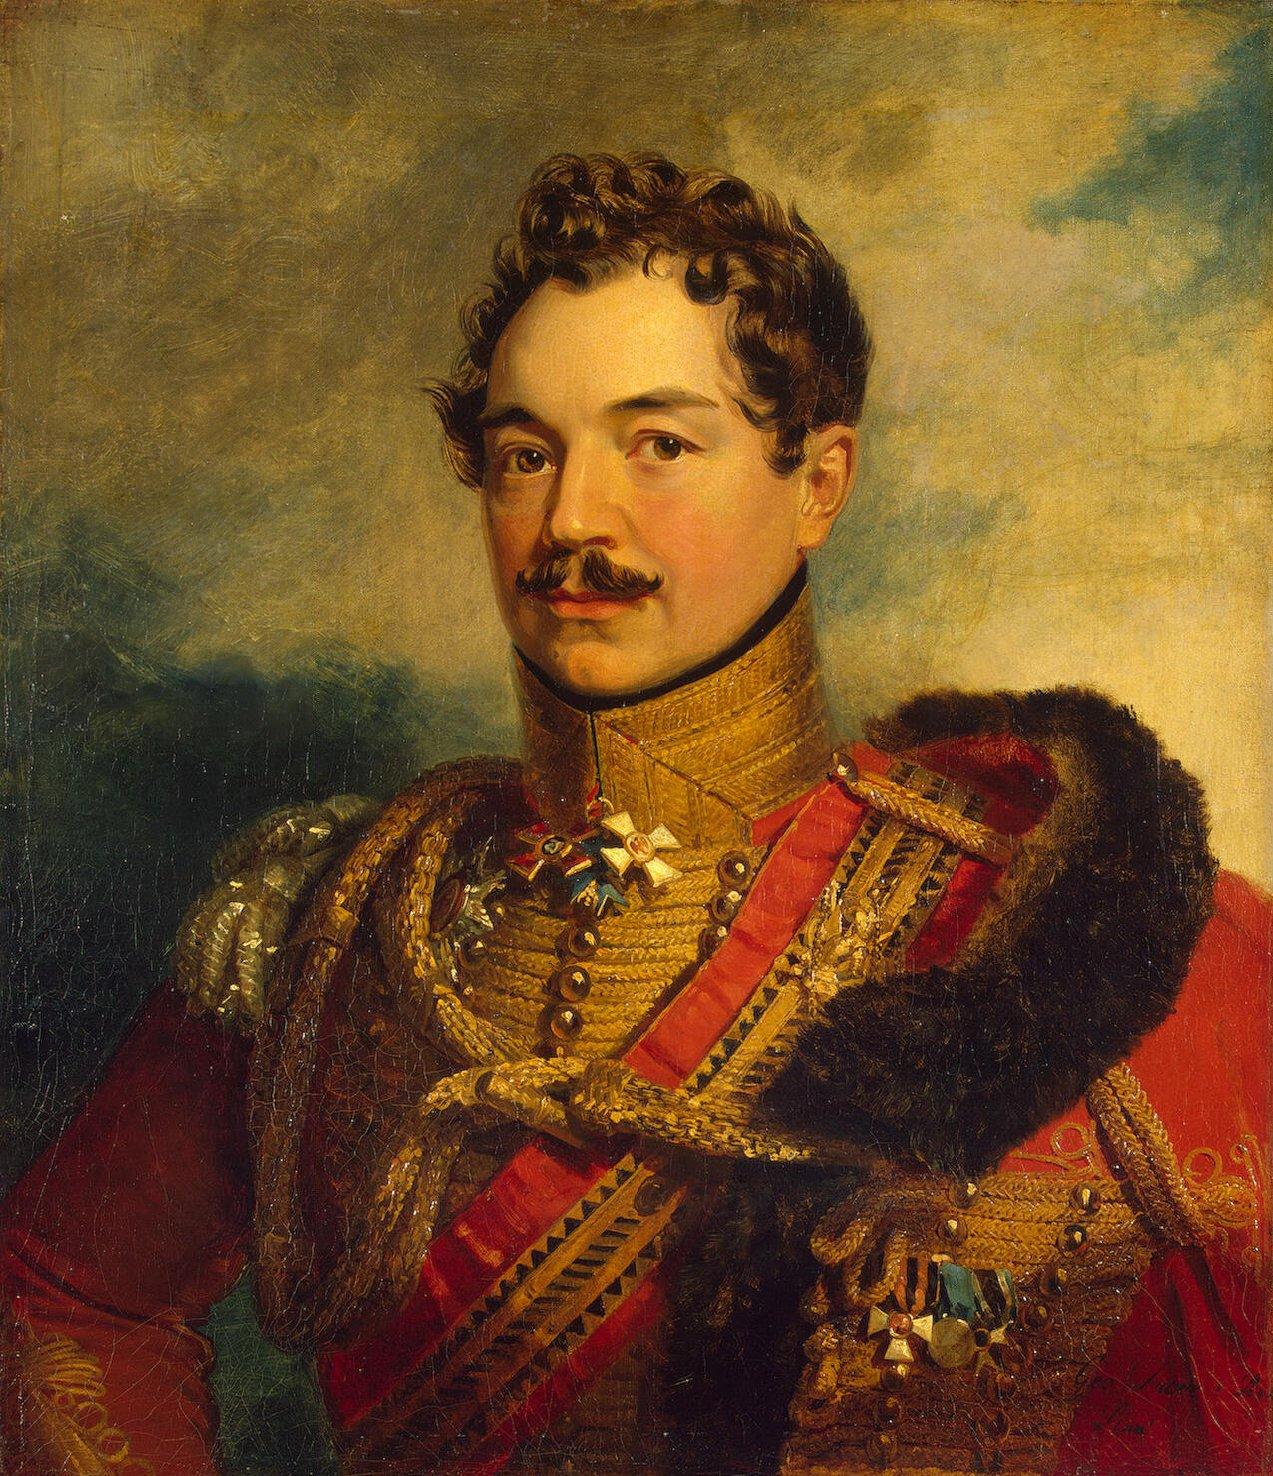 Левашов, Василий Васильевич